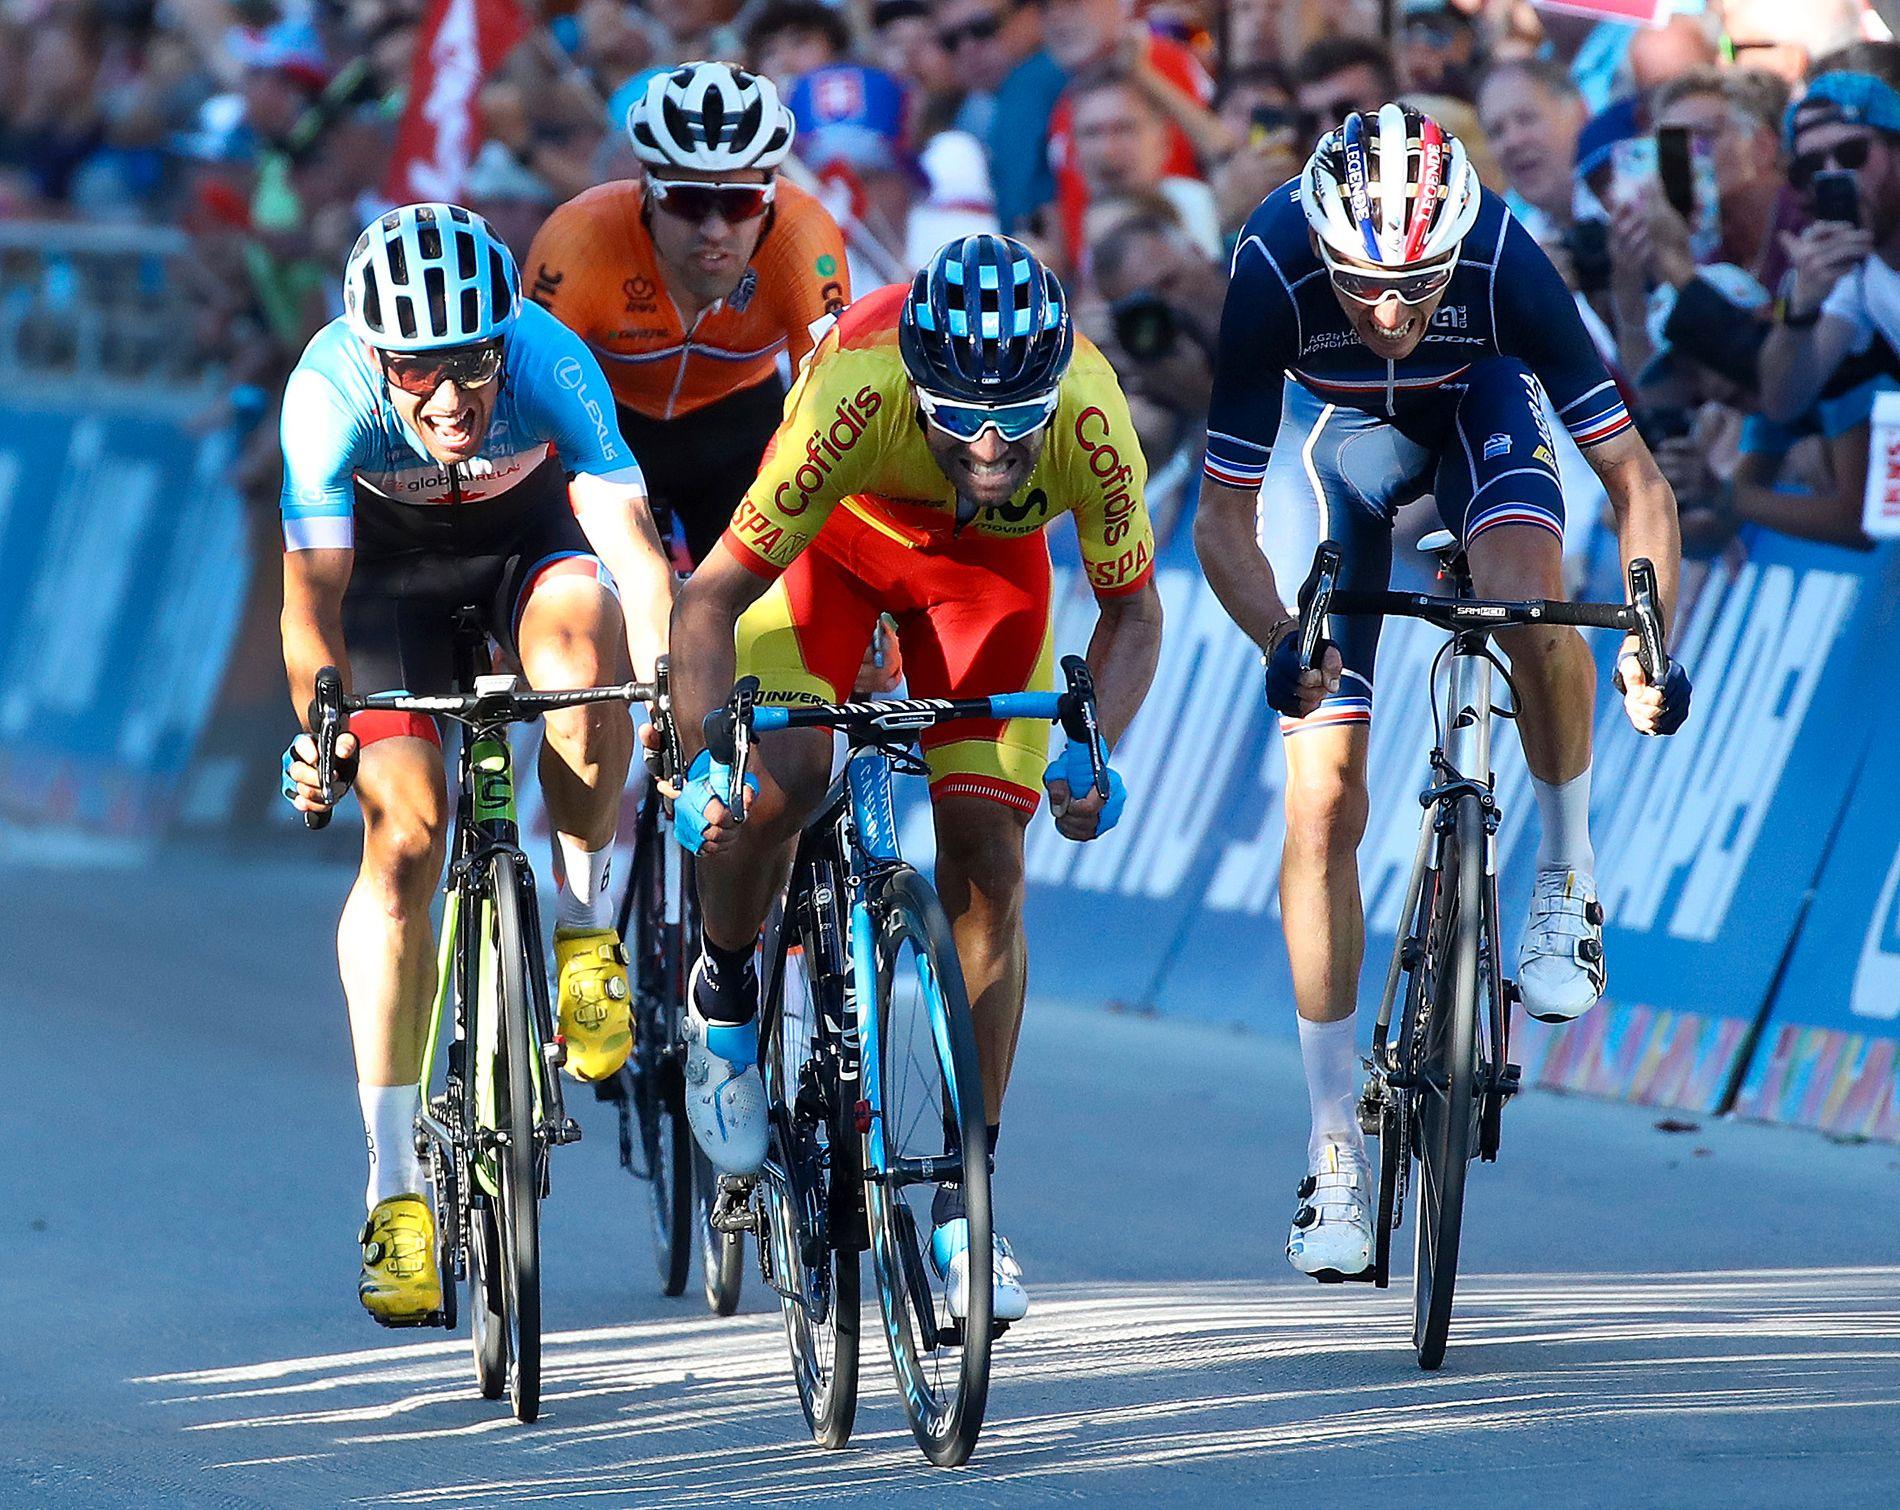 Tom Dumoulin vartet opp med en enorm opphentning på slutten. Her innser imidlertid nederlenderen at medaljen ryker. I stedet ble endte det slik. Gull: Alejandro Valverde. Sølv: Romain Bardet. Bronse: Michael Woods.